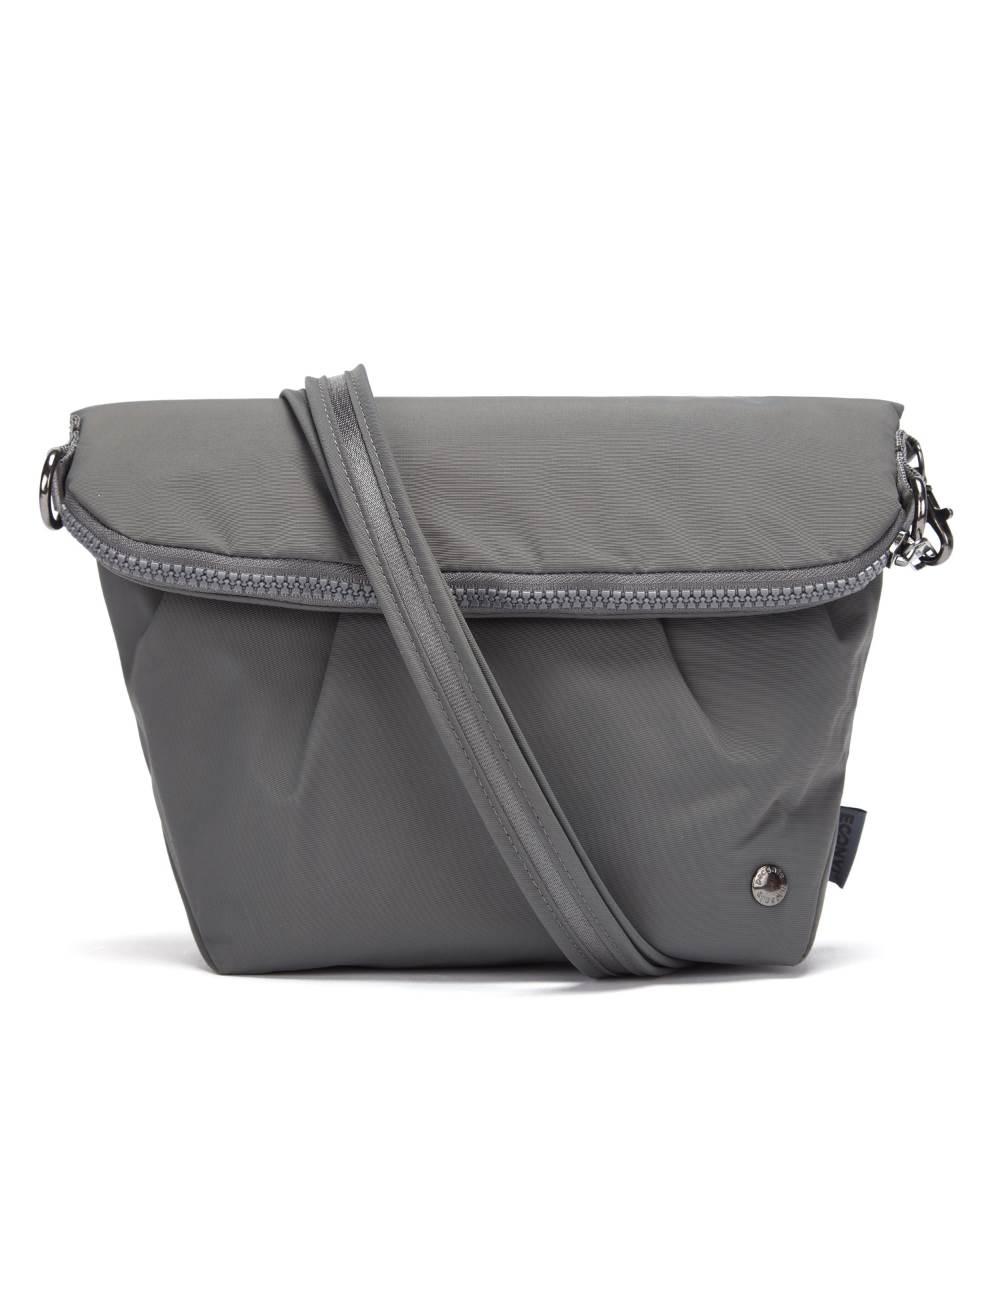 Citysafe CX Crossbody bag nylon navy